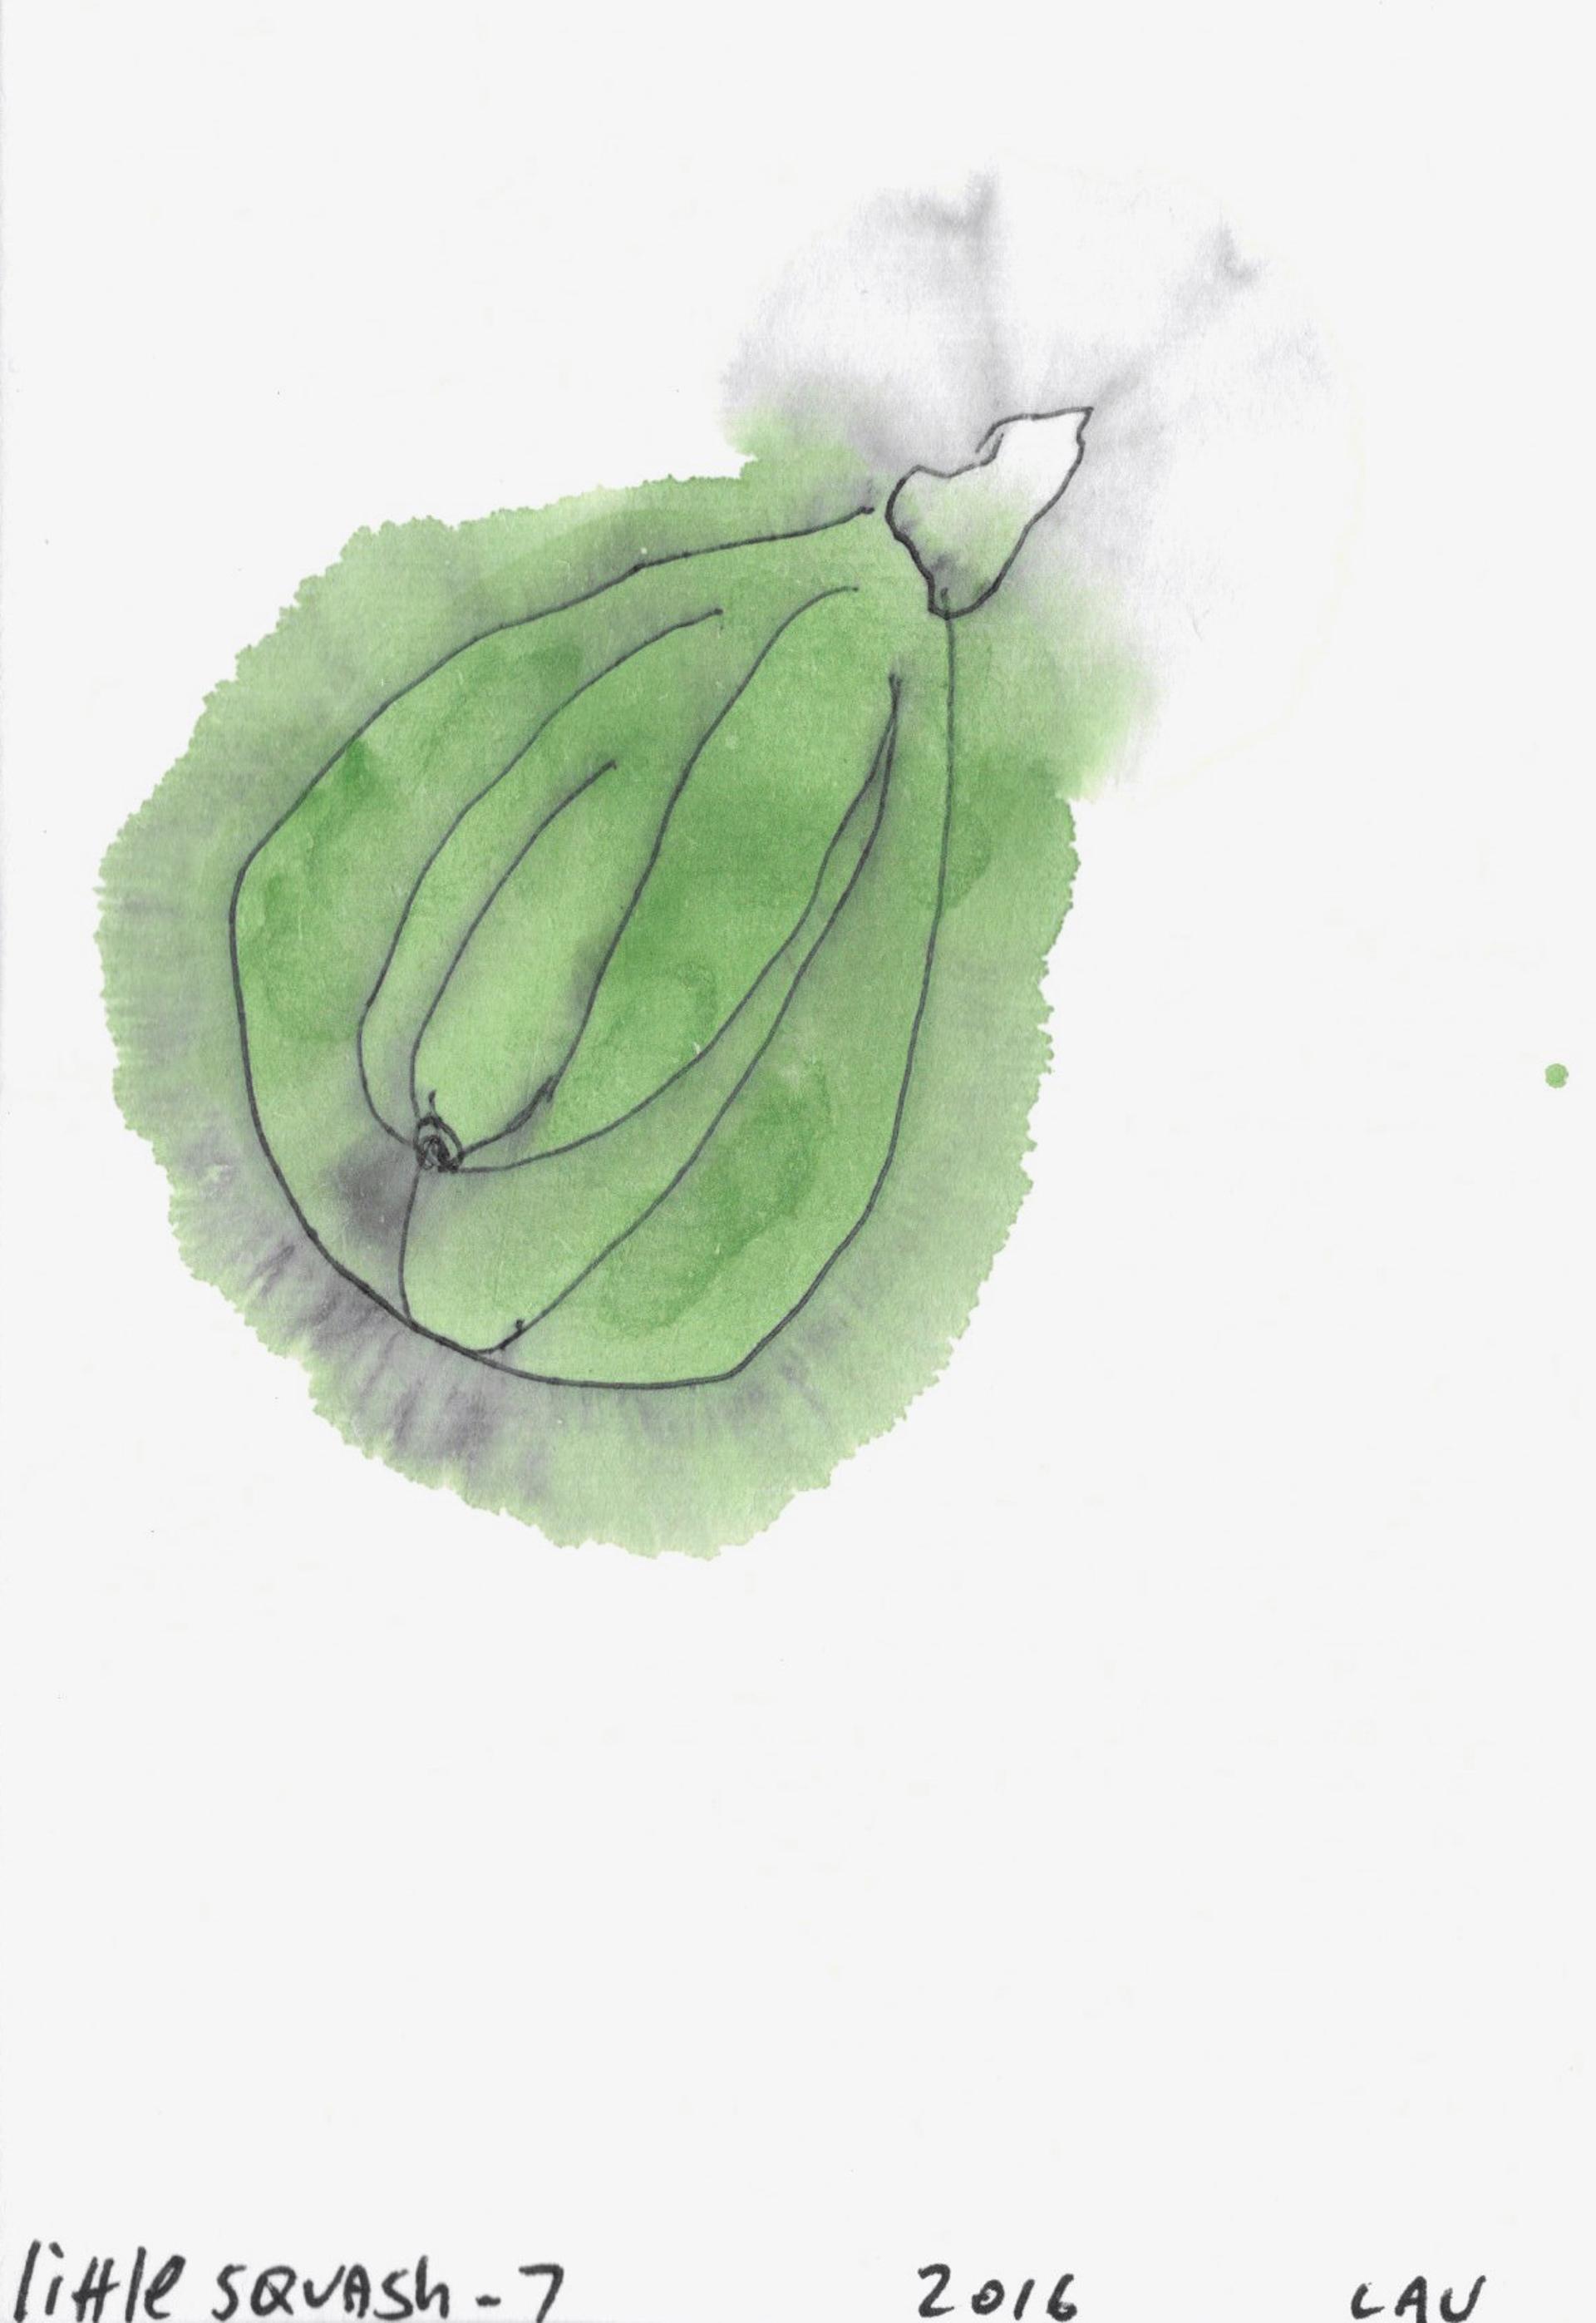 little squash #7 by Alan Lau